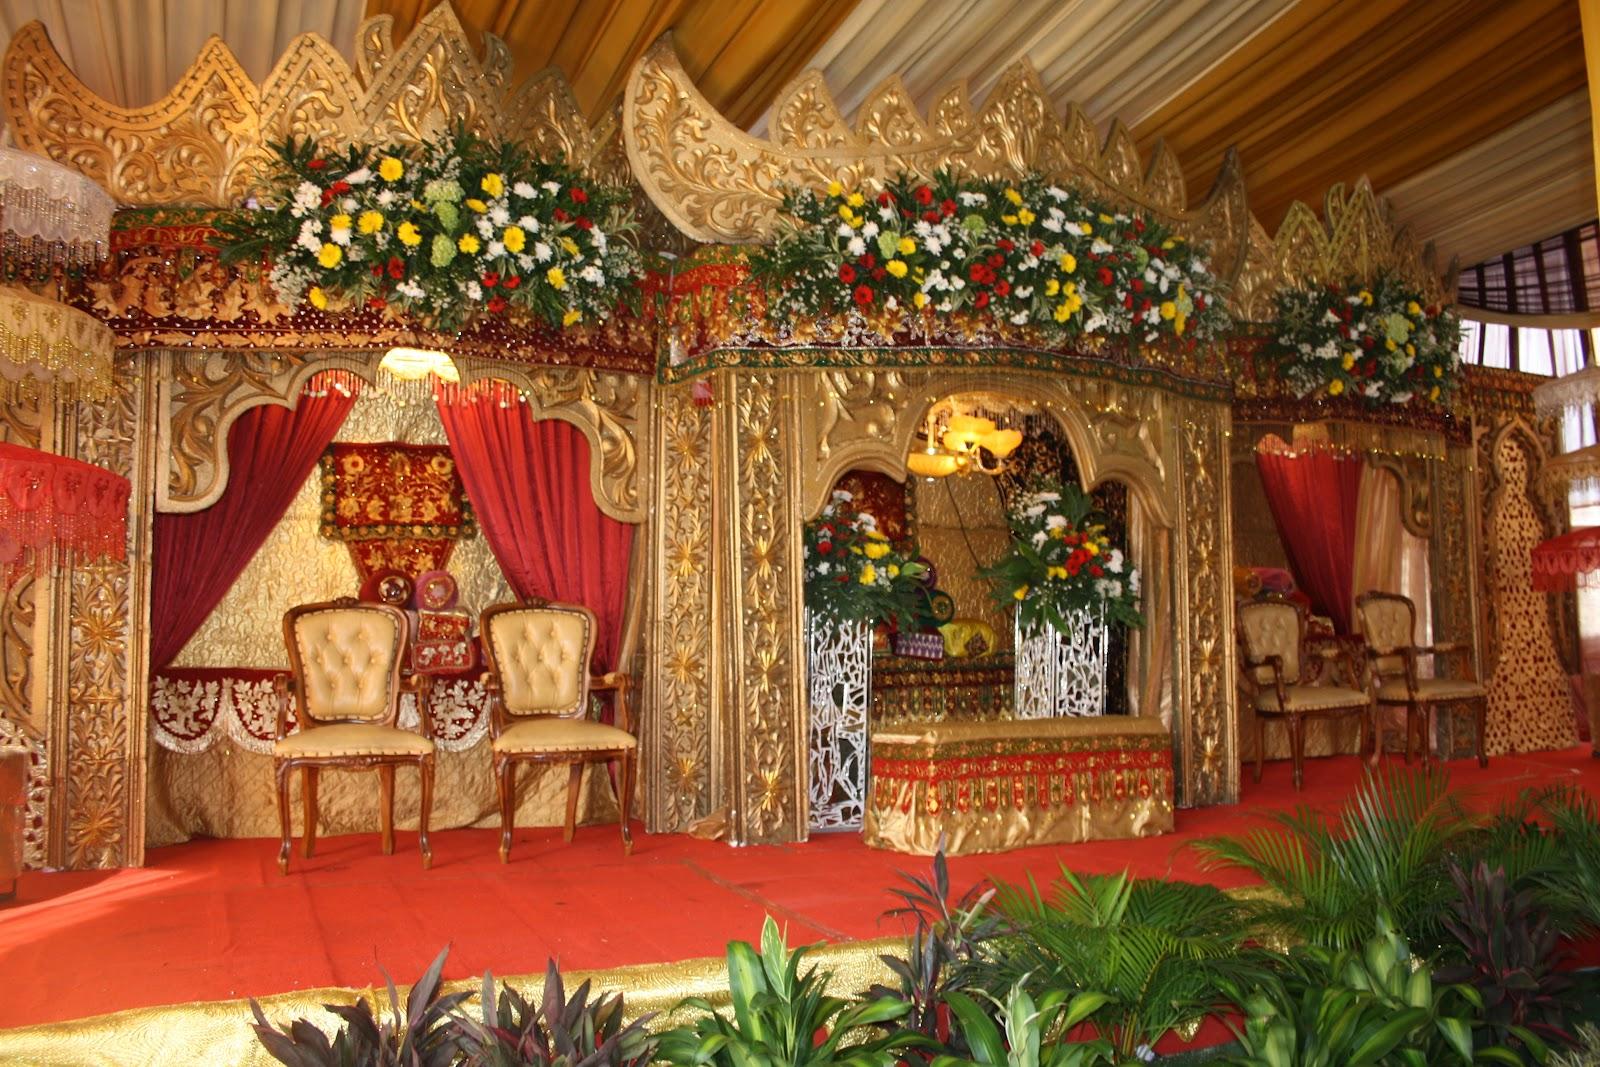 palembang girls 301 moved permanently nginx.